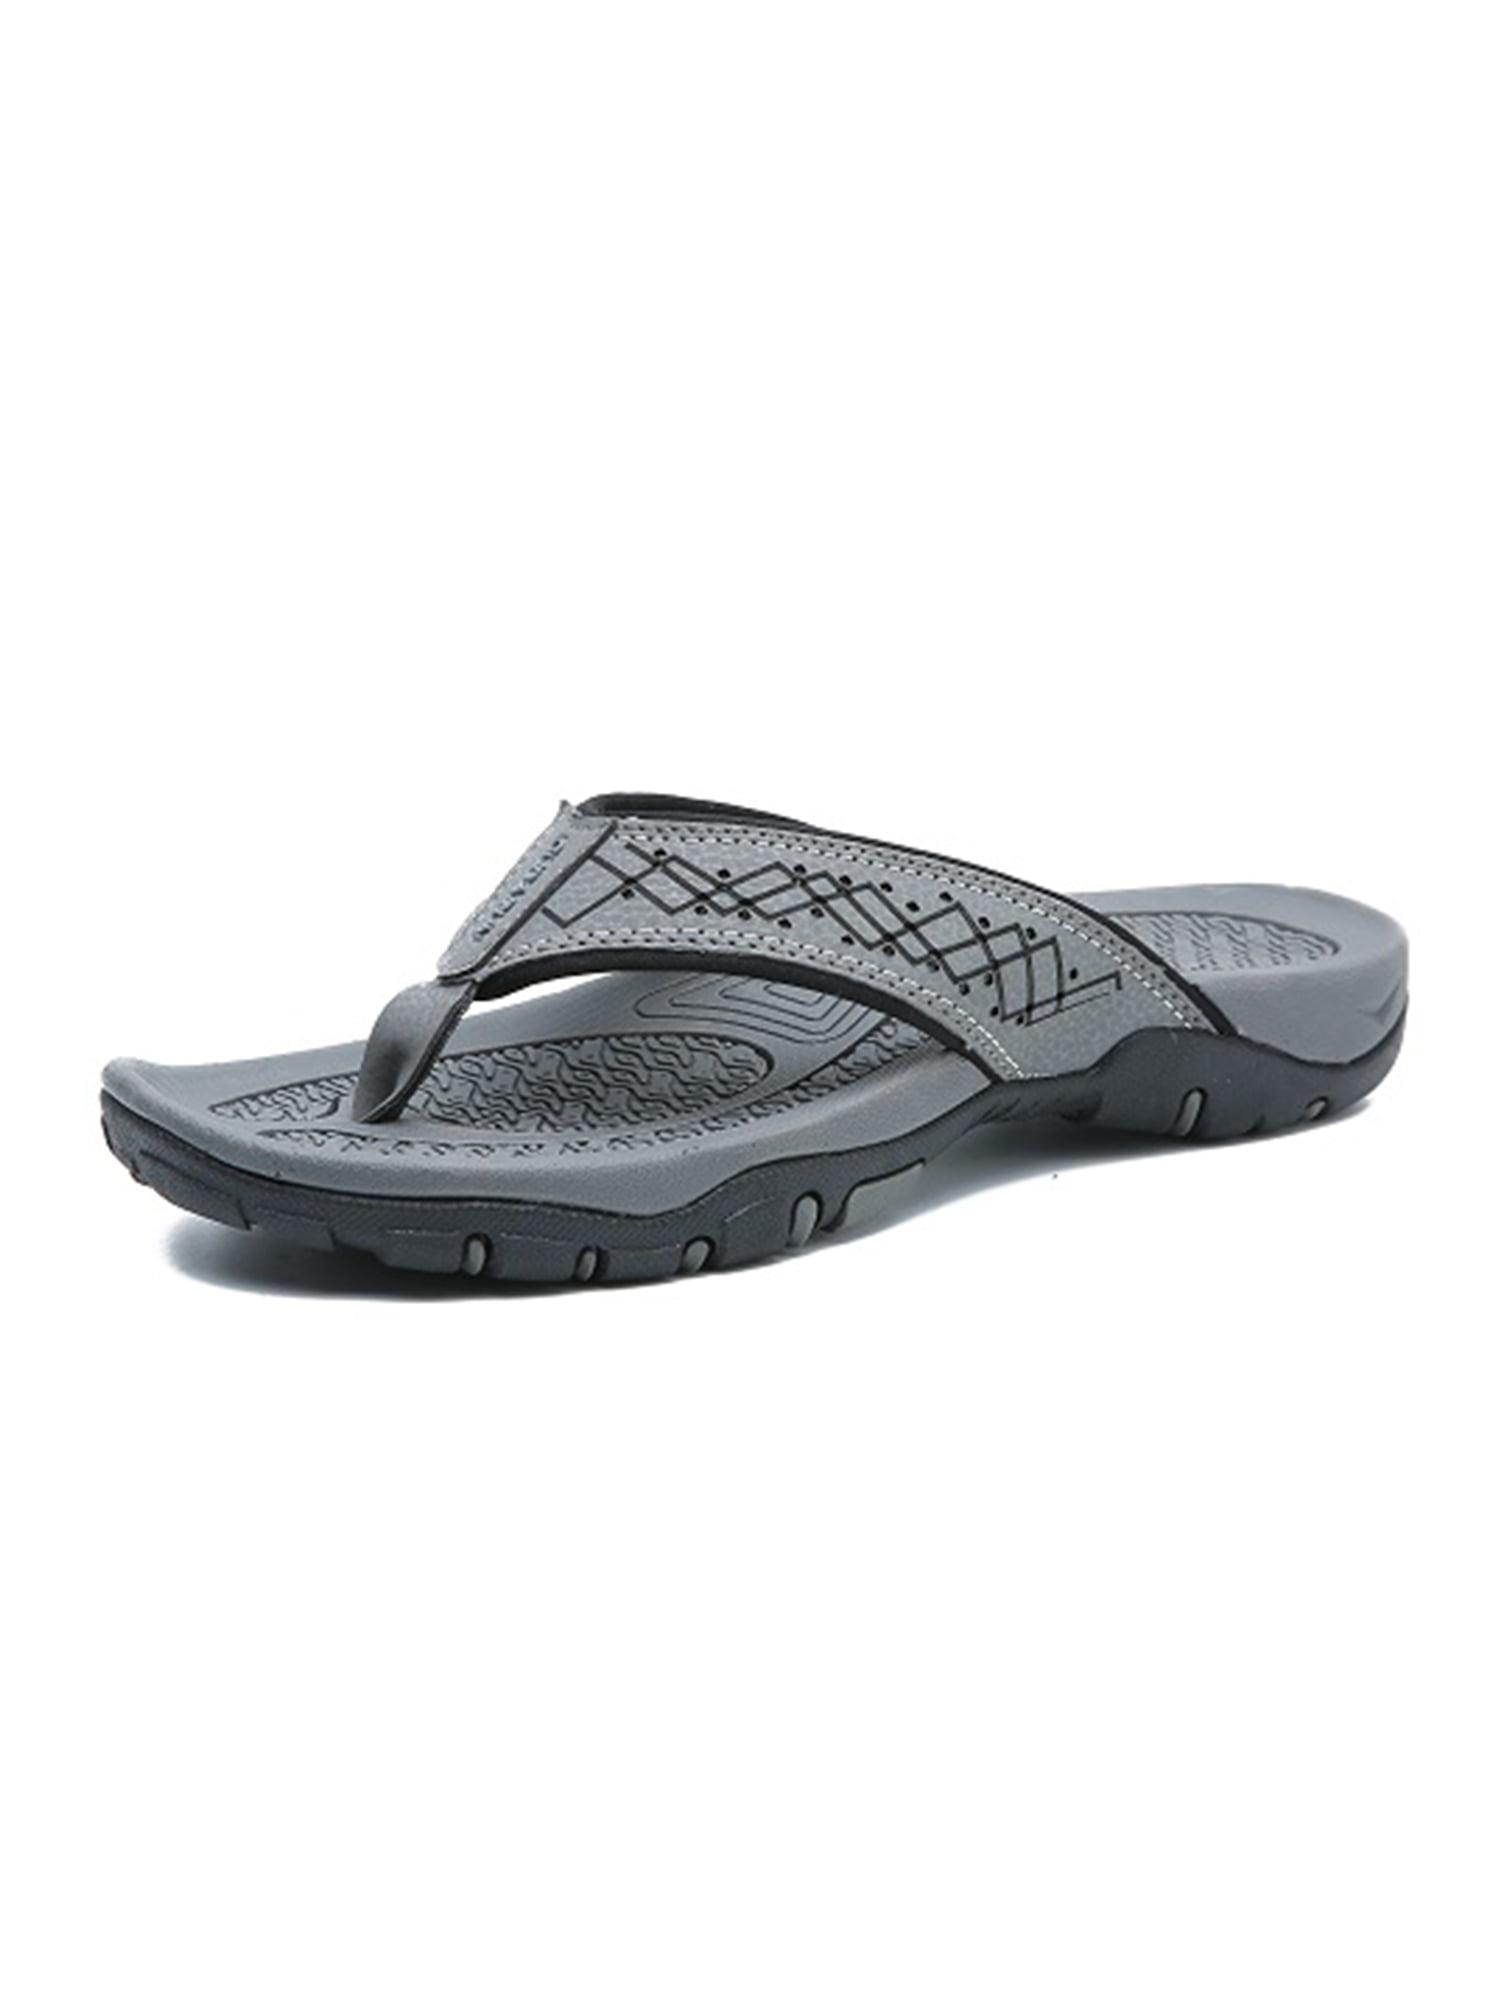 OwnShoe Mens Flip Flops Sport Thong Sandals Comfort for Outdoor Beach